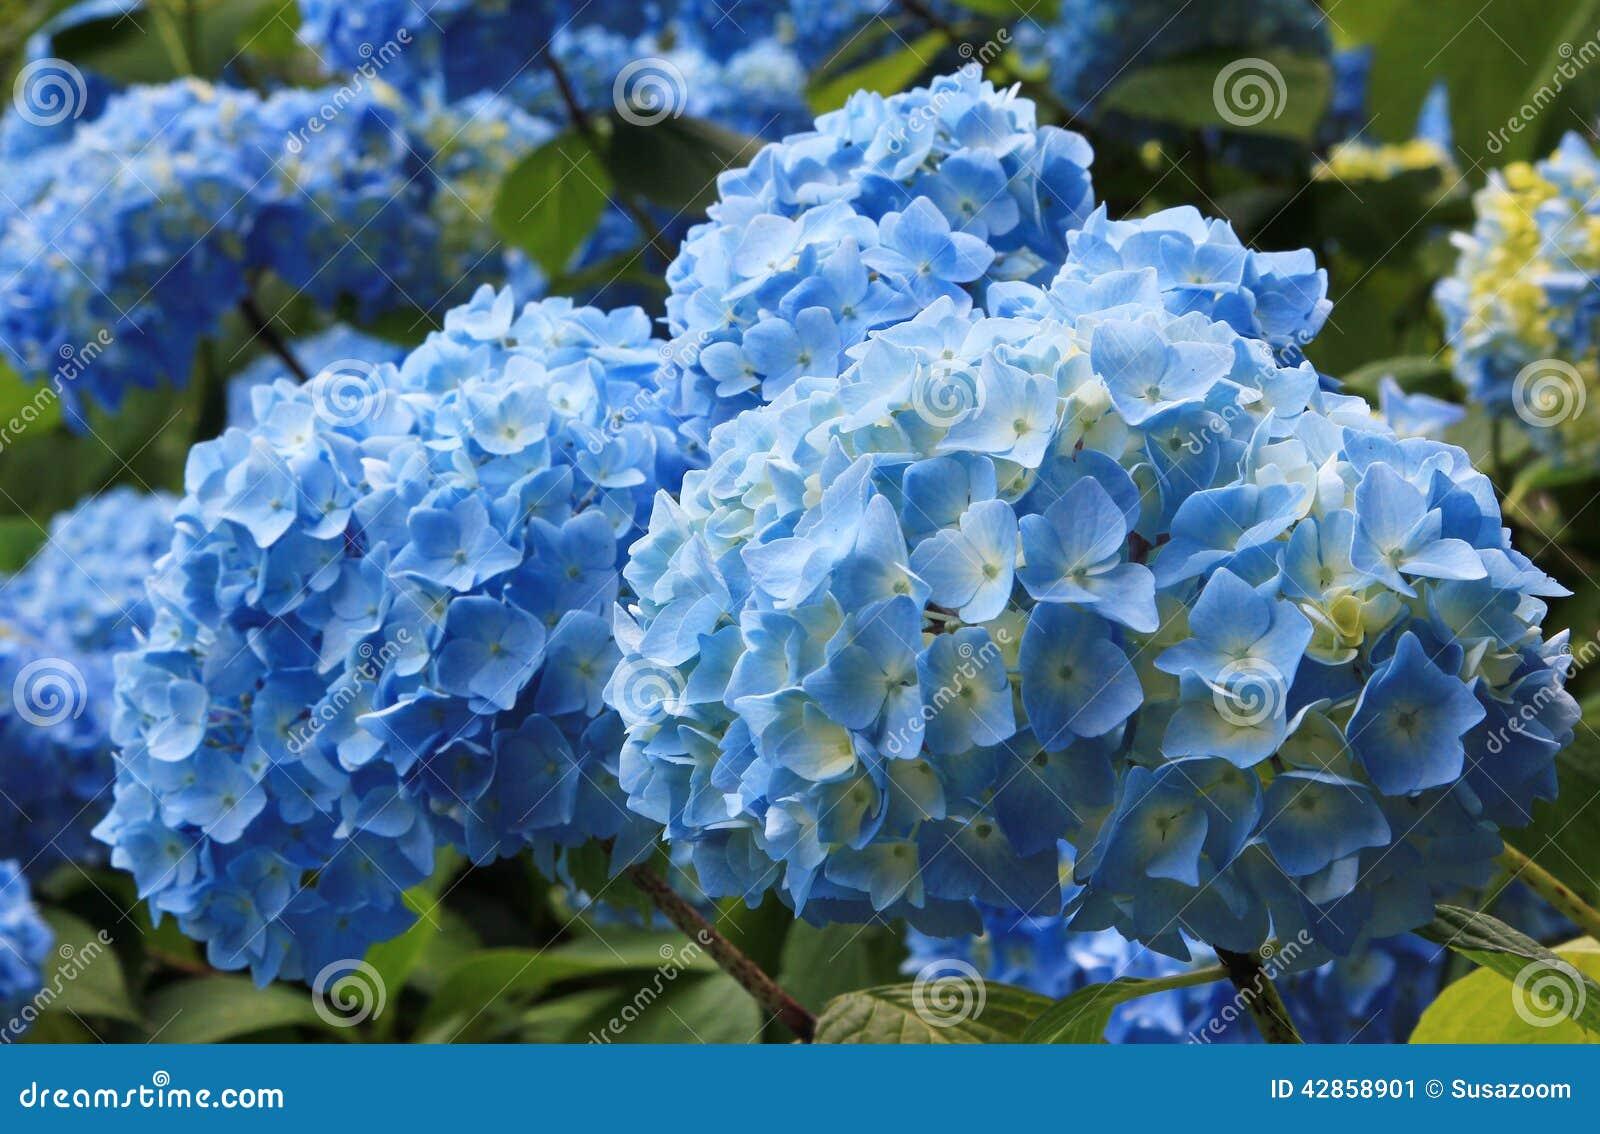 fleurs bleu clair d 39 hortensia dans le jardin image stock image du accroissement parfum 42858901. Black Bedroom Furniture Sets. Home Design Ideas